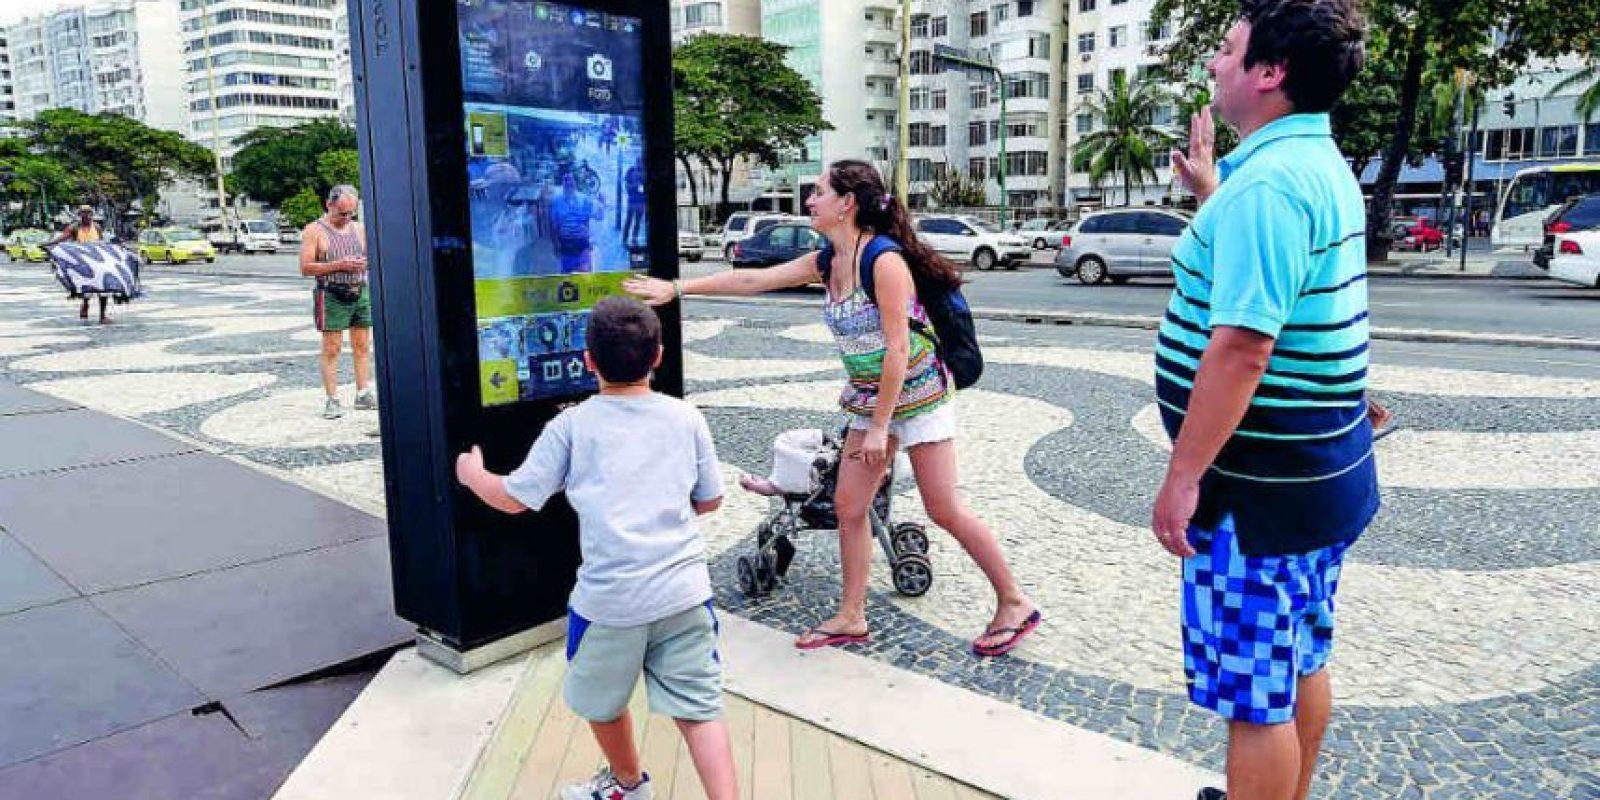 Familia de argentinos no consiguió enviar foto tomadas en el dispositivo. Foto:BRUNA PRADO / METRO RIO